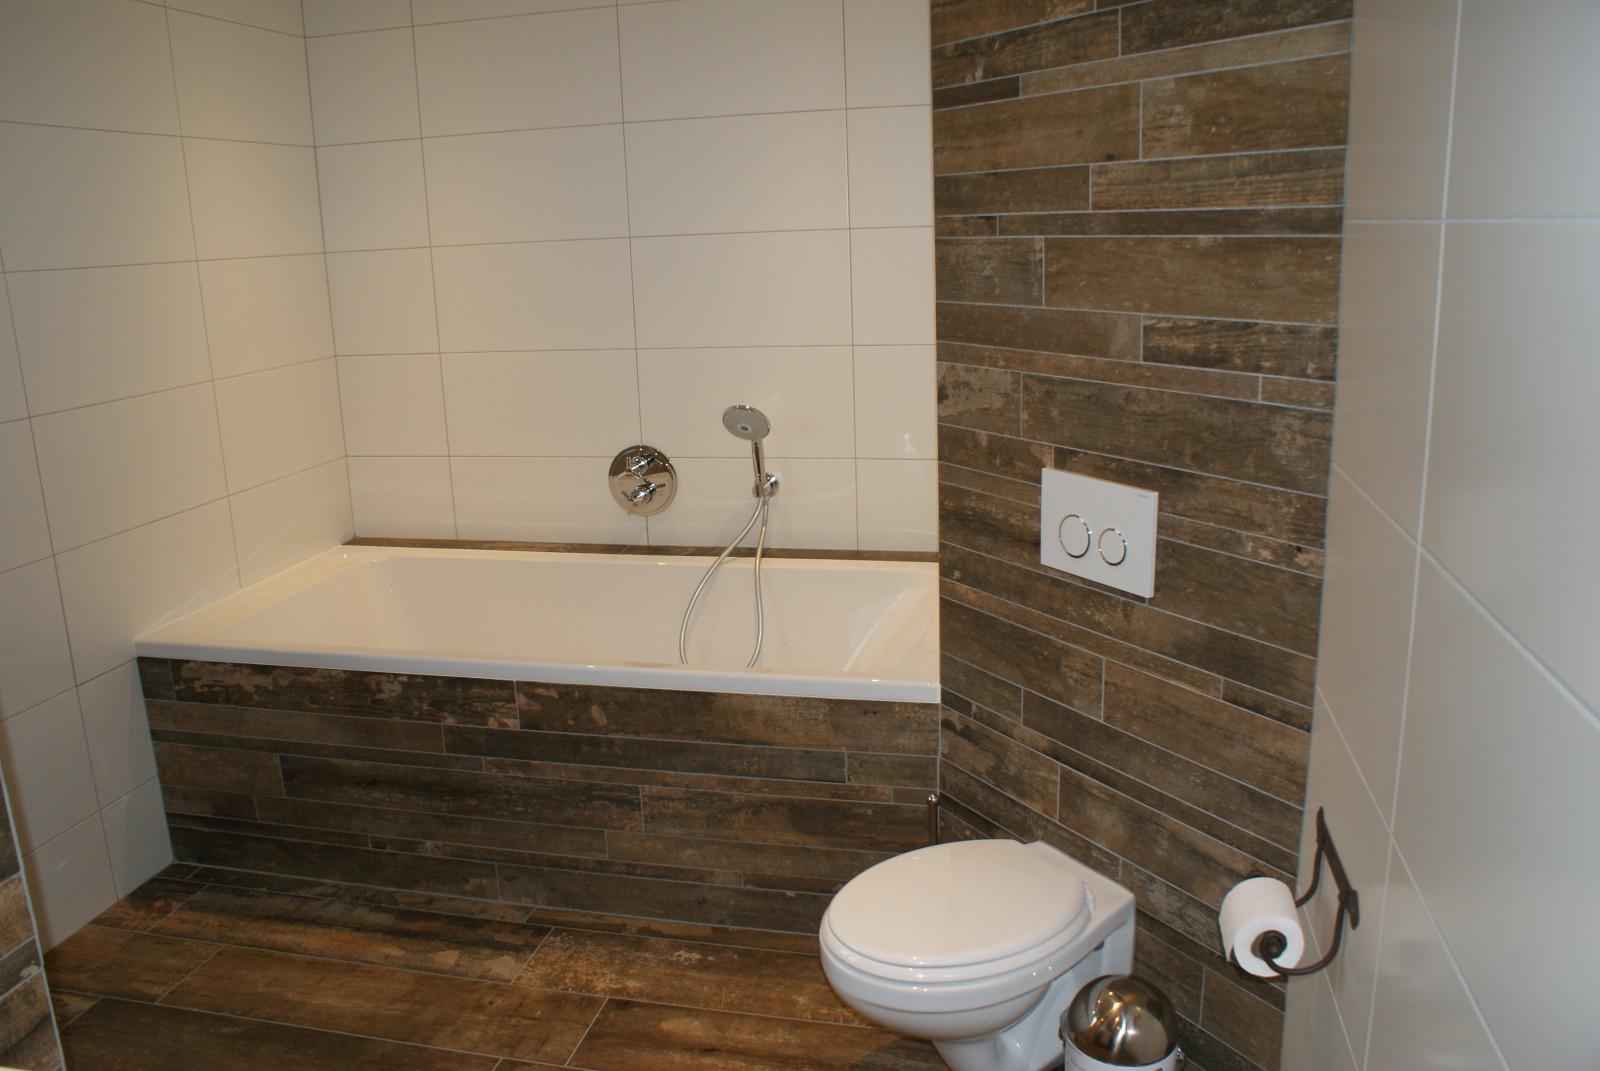 badkamer renoveren een nieuwe badkamer door johan lenssen